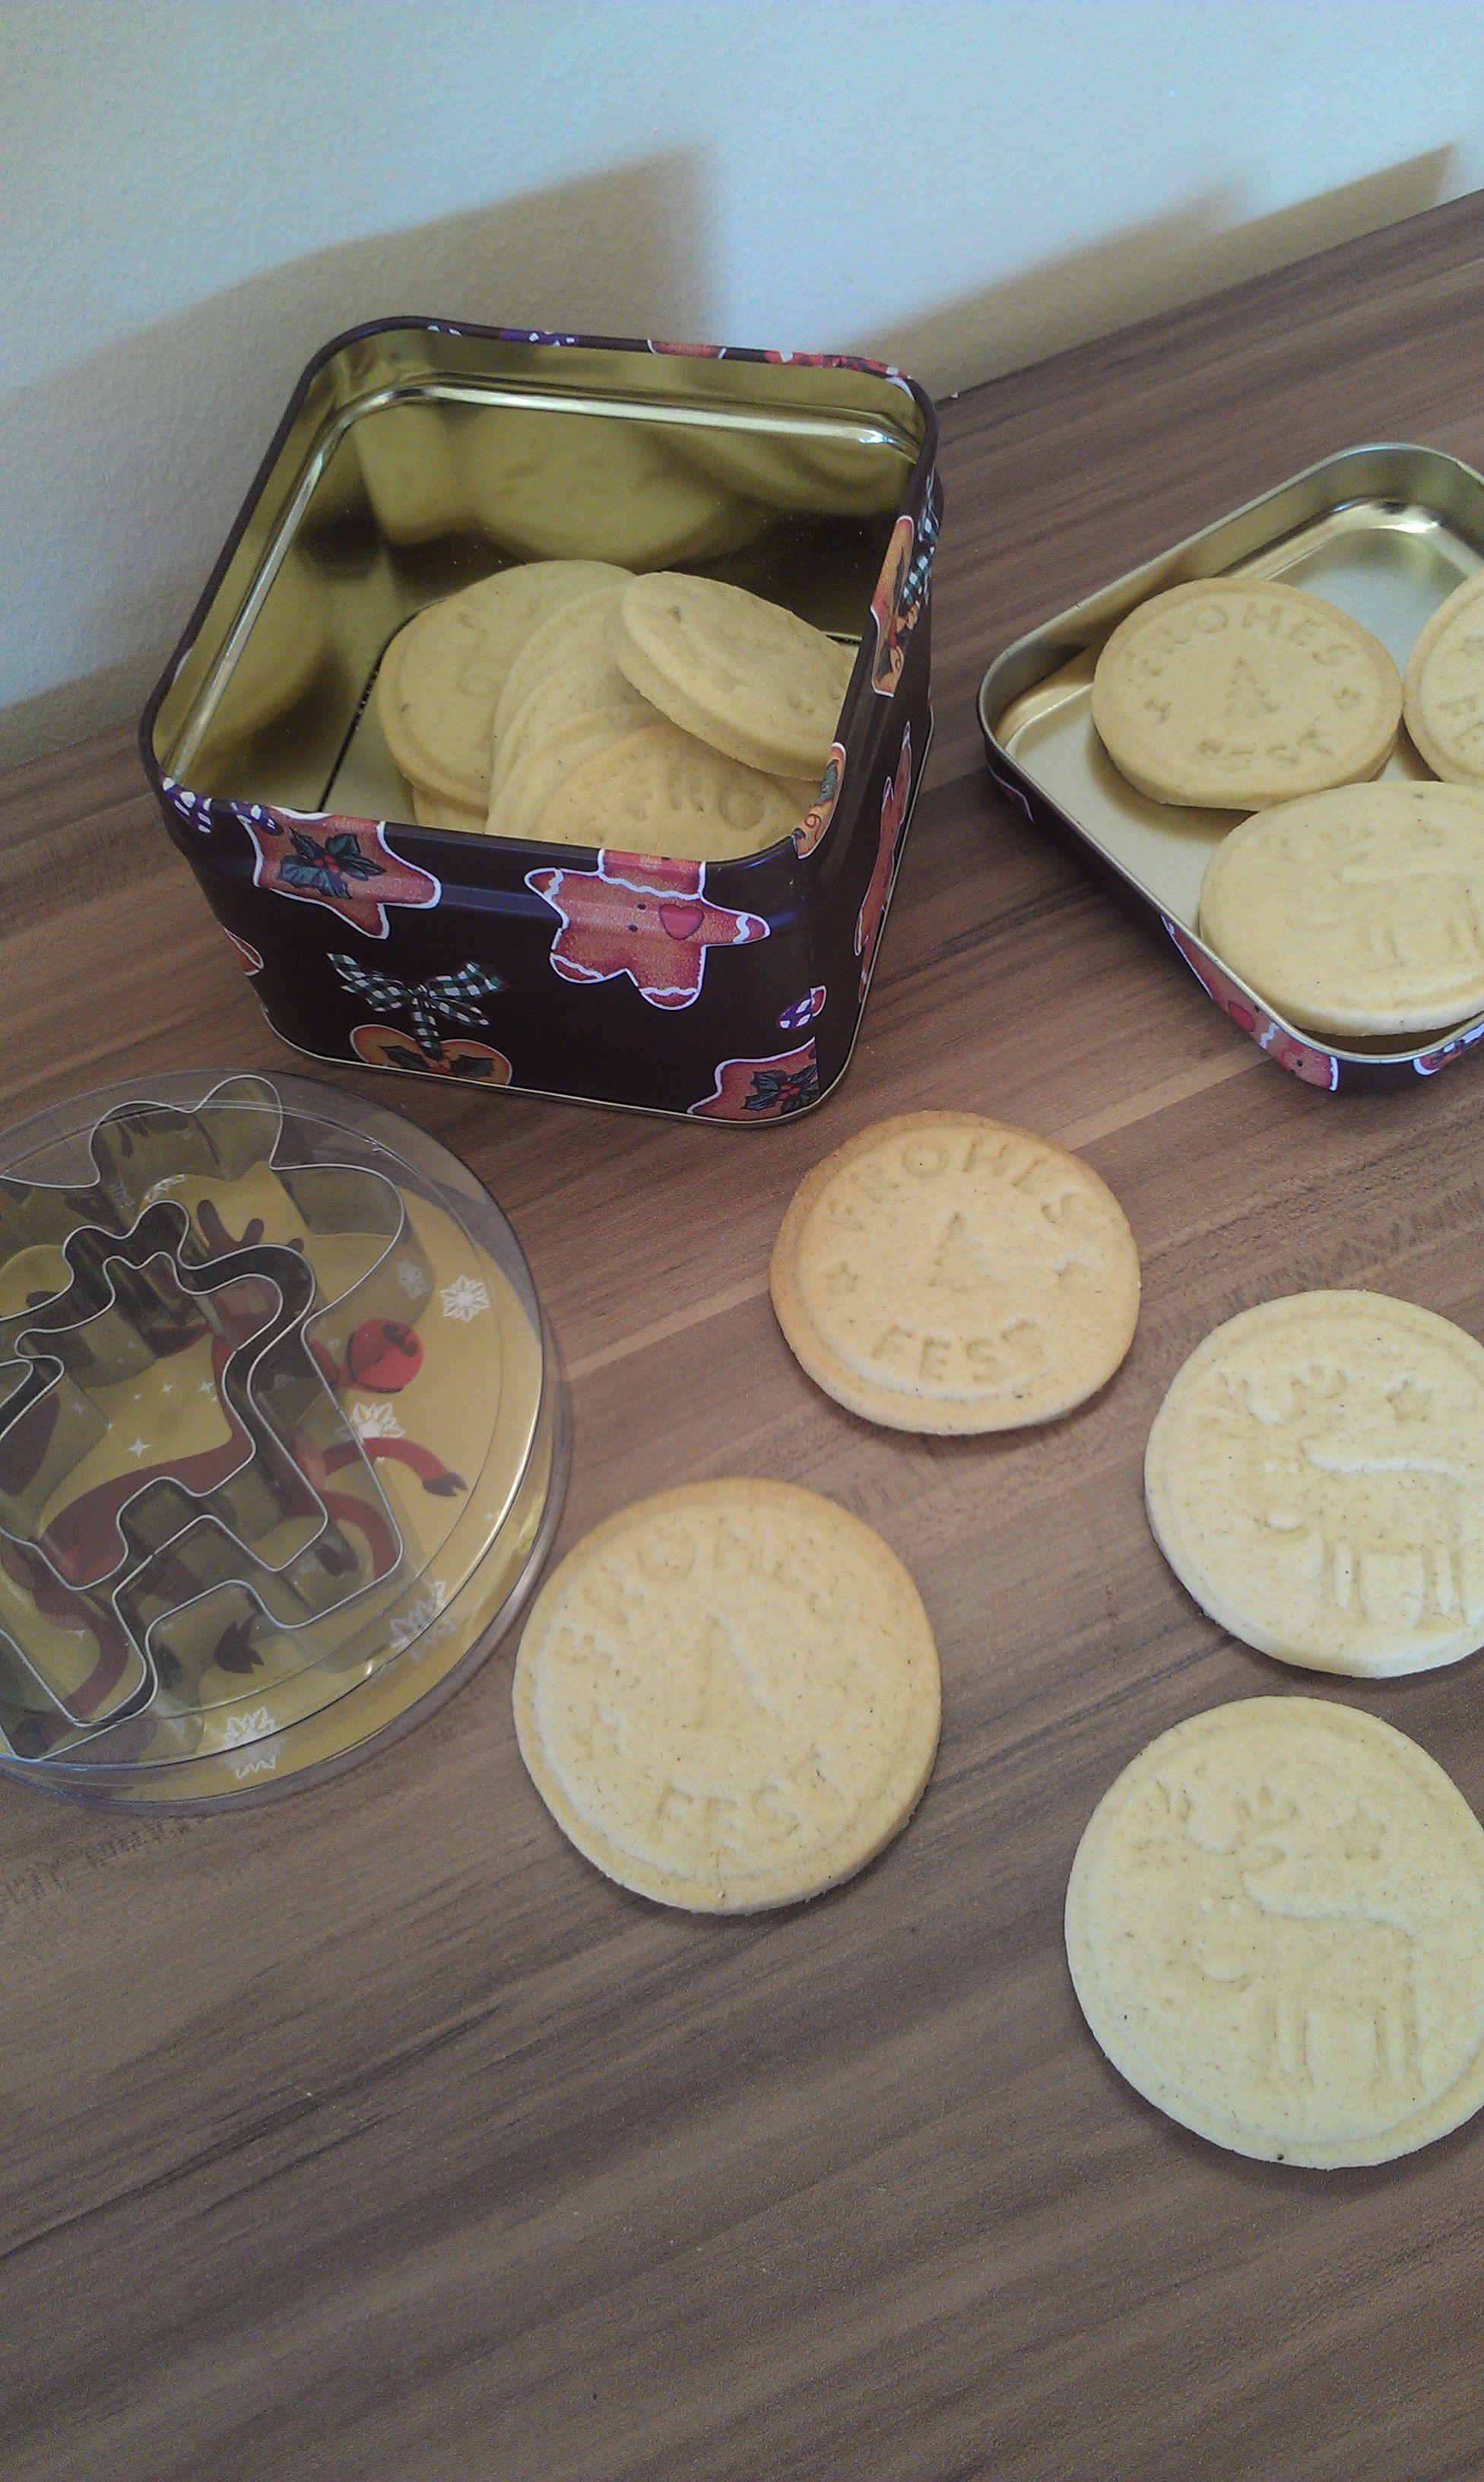 Ich habe mein Wichtelpaket von Anja von Meine Torteria bekommen. 4 Kleine Päckchen und jeden Adventssonntag darf ich eines öffnen. Am 1. Advent durfte ich das erste Päckchen auspacken. Darin waren Ausstecher und selbstgemachte Cookies.